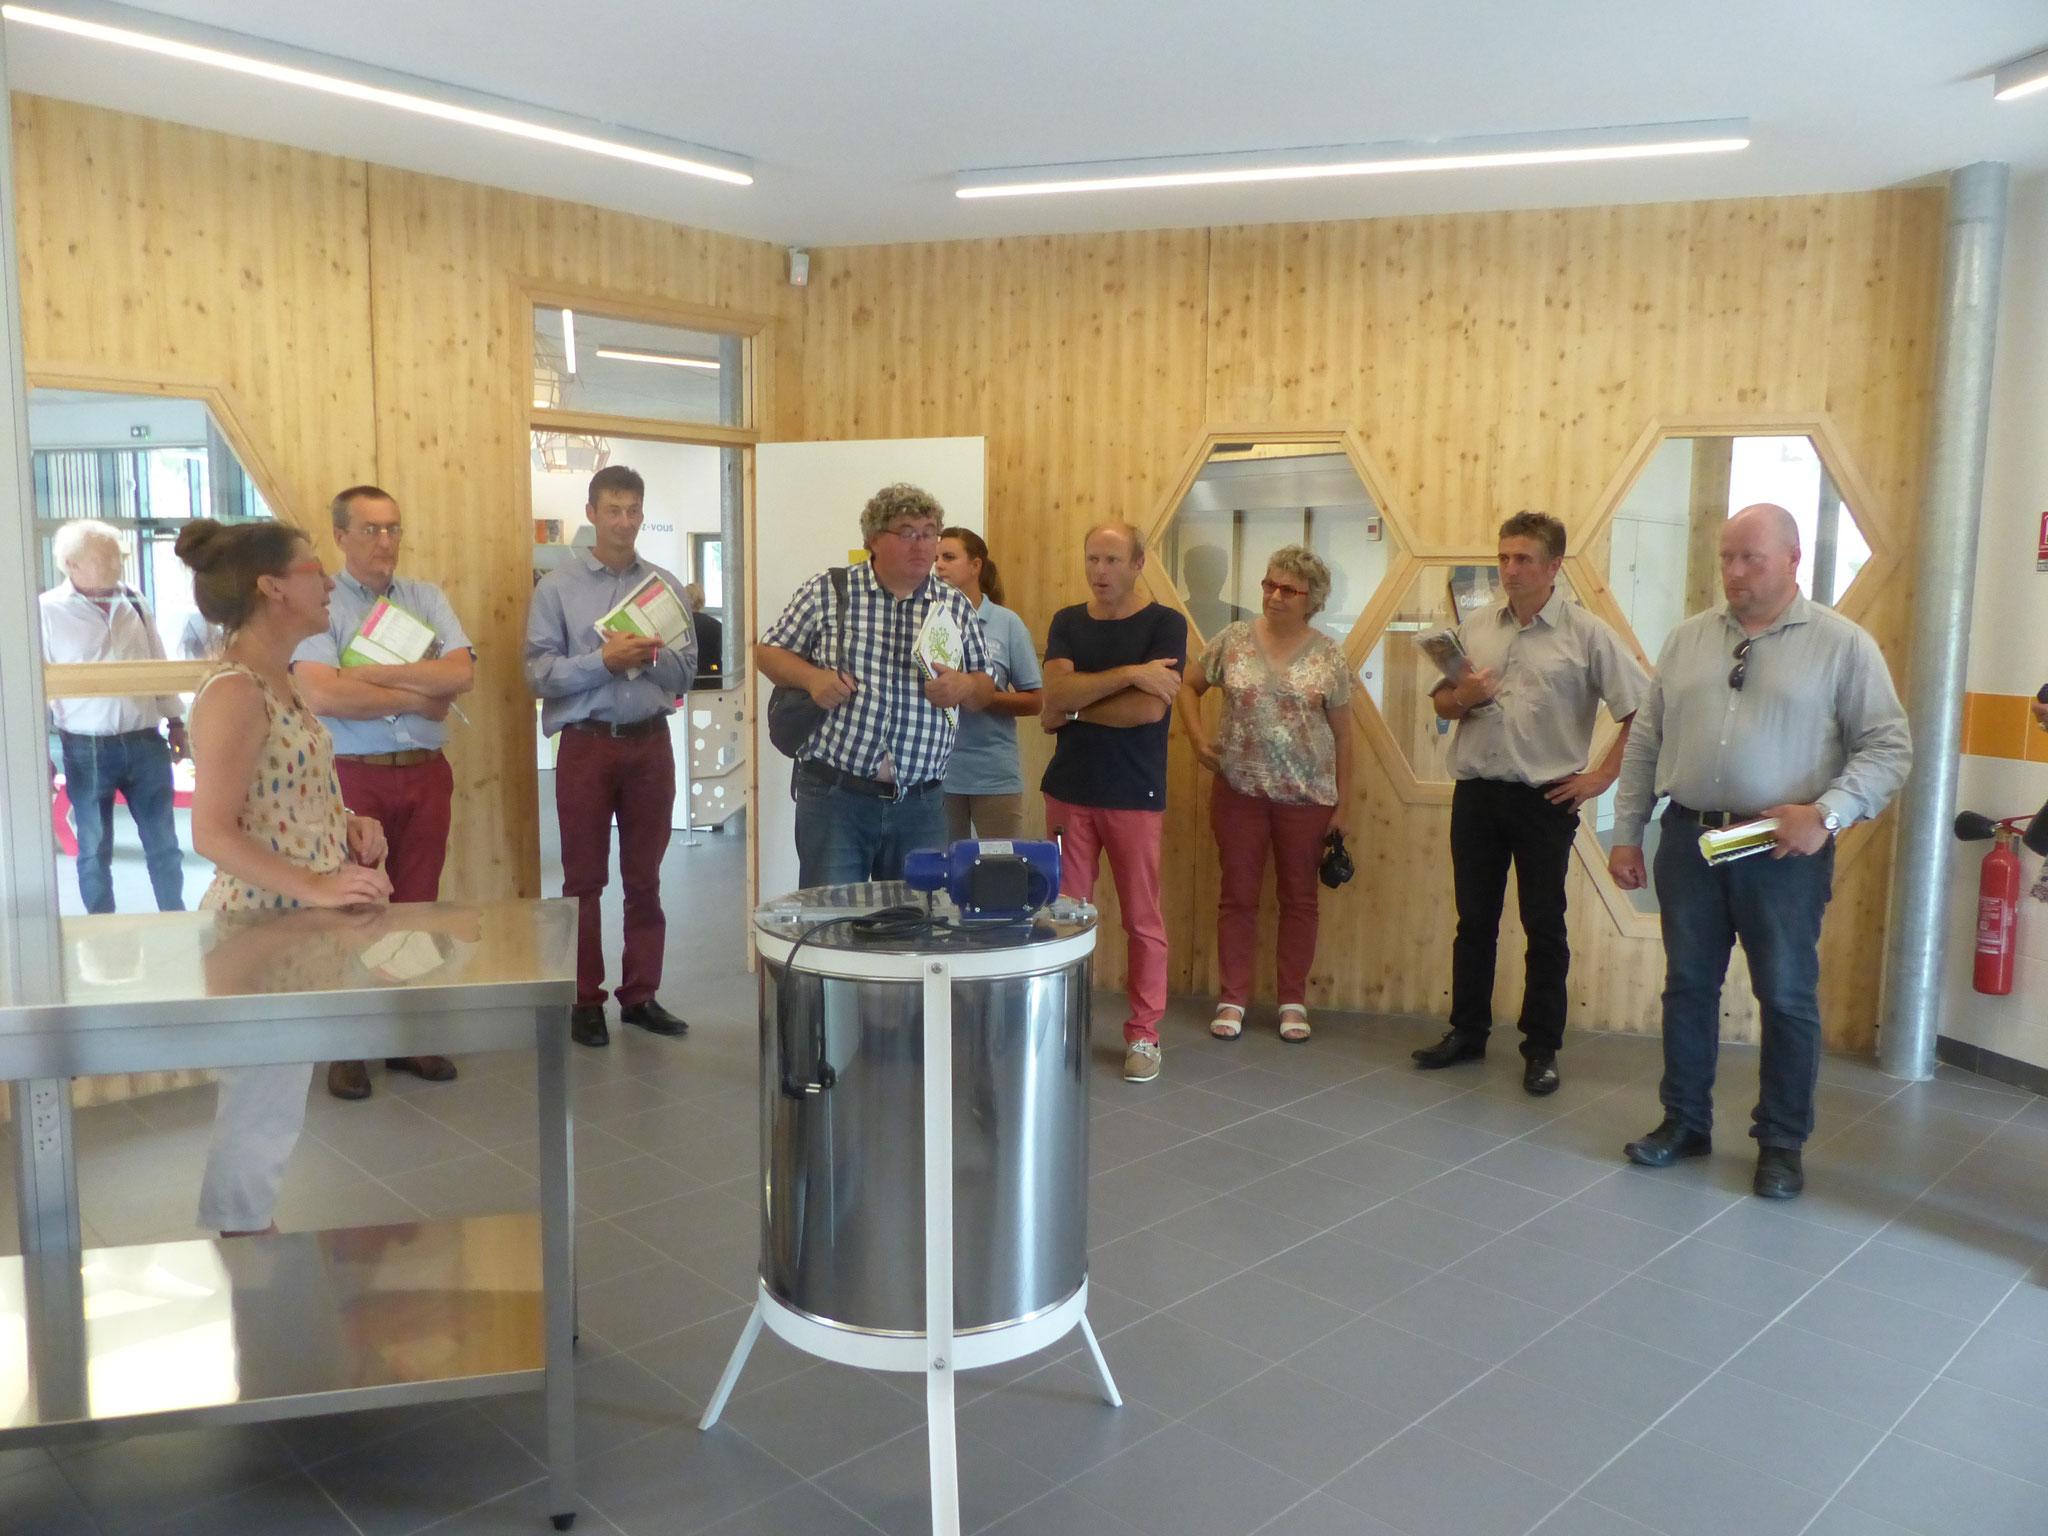 visite de la miellerie à Loon-Plage